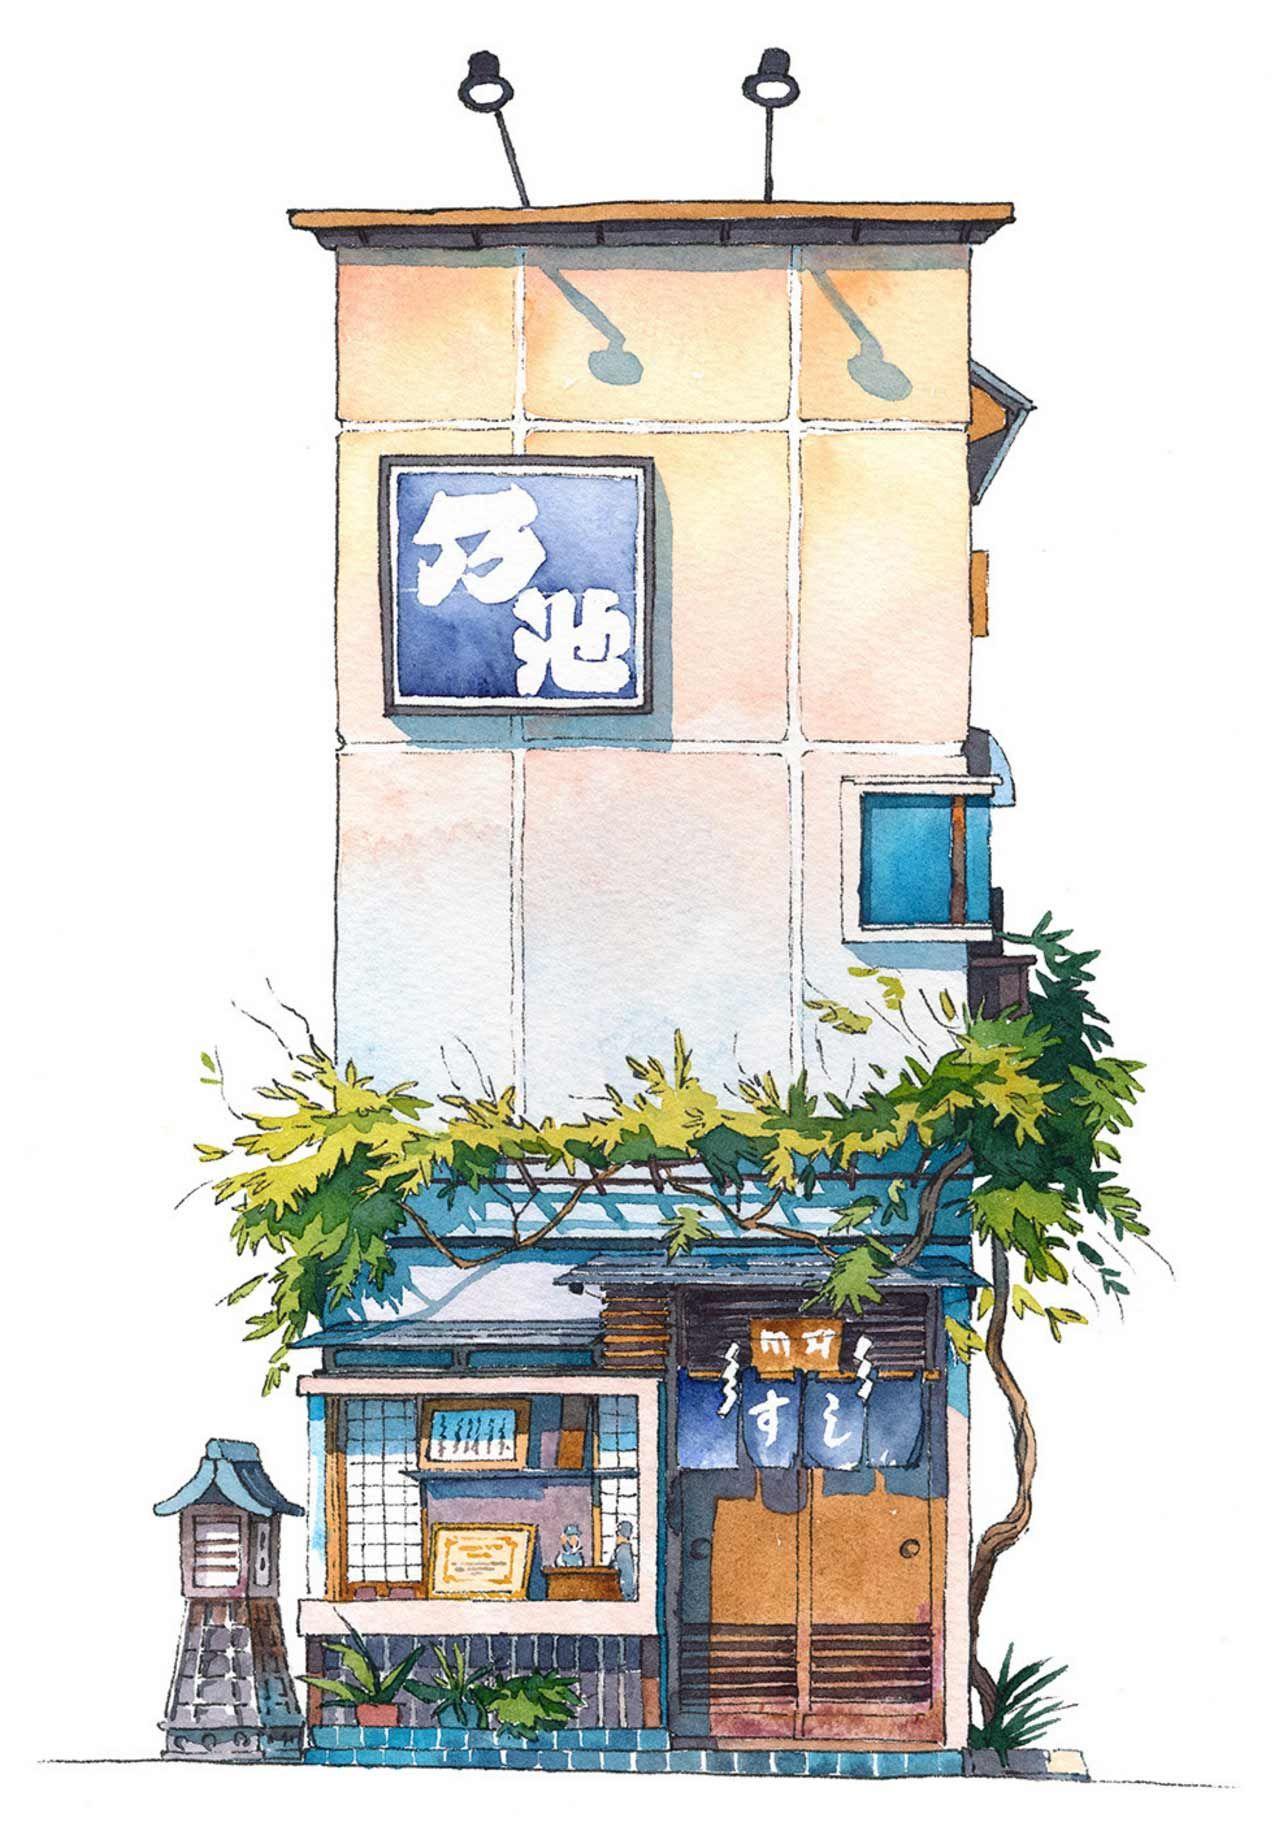 Tokyo Storefronts #arquitectonico